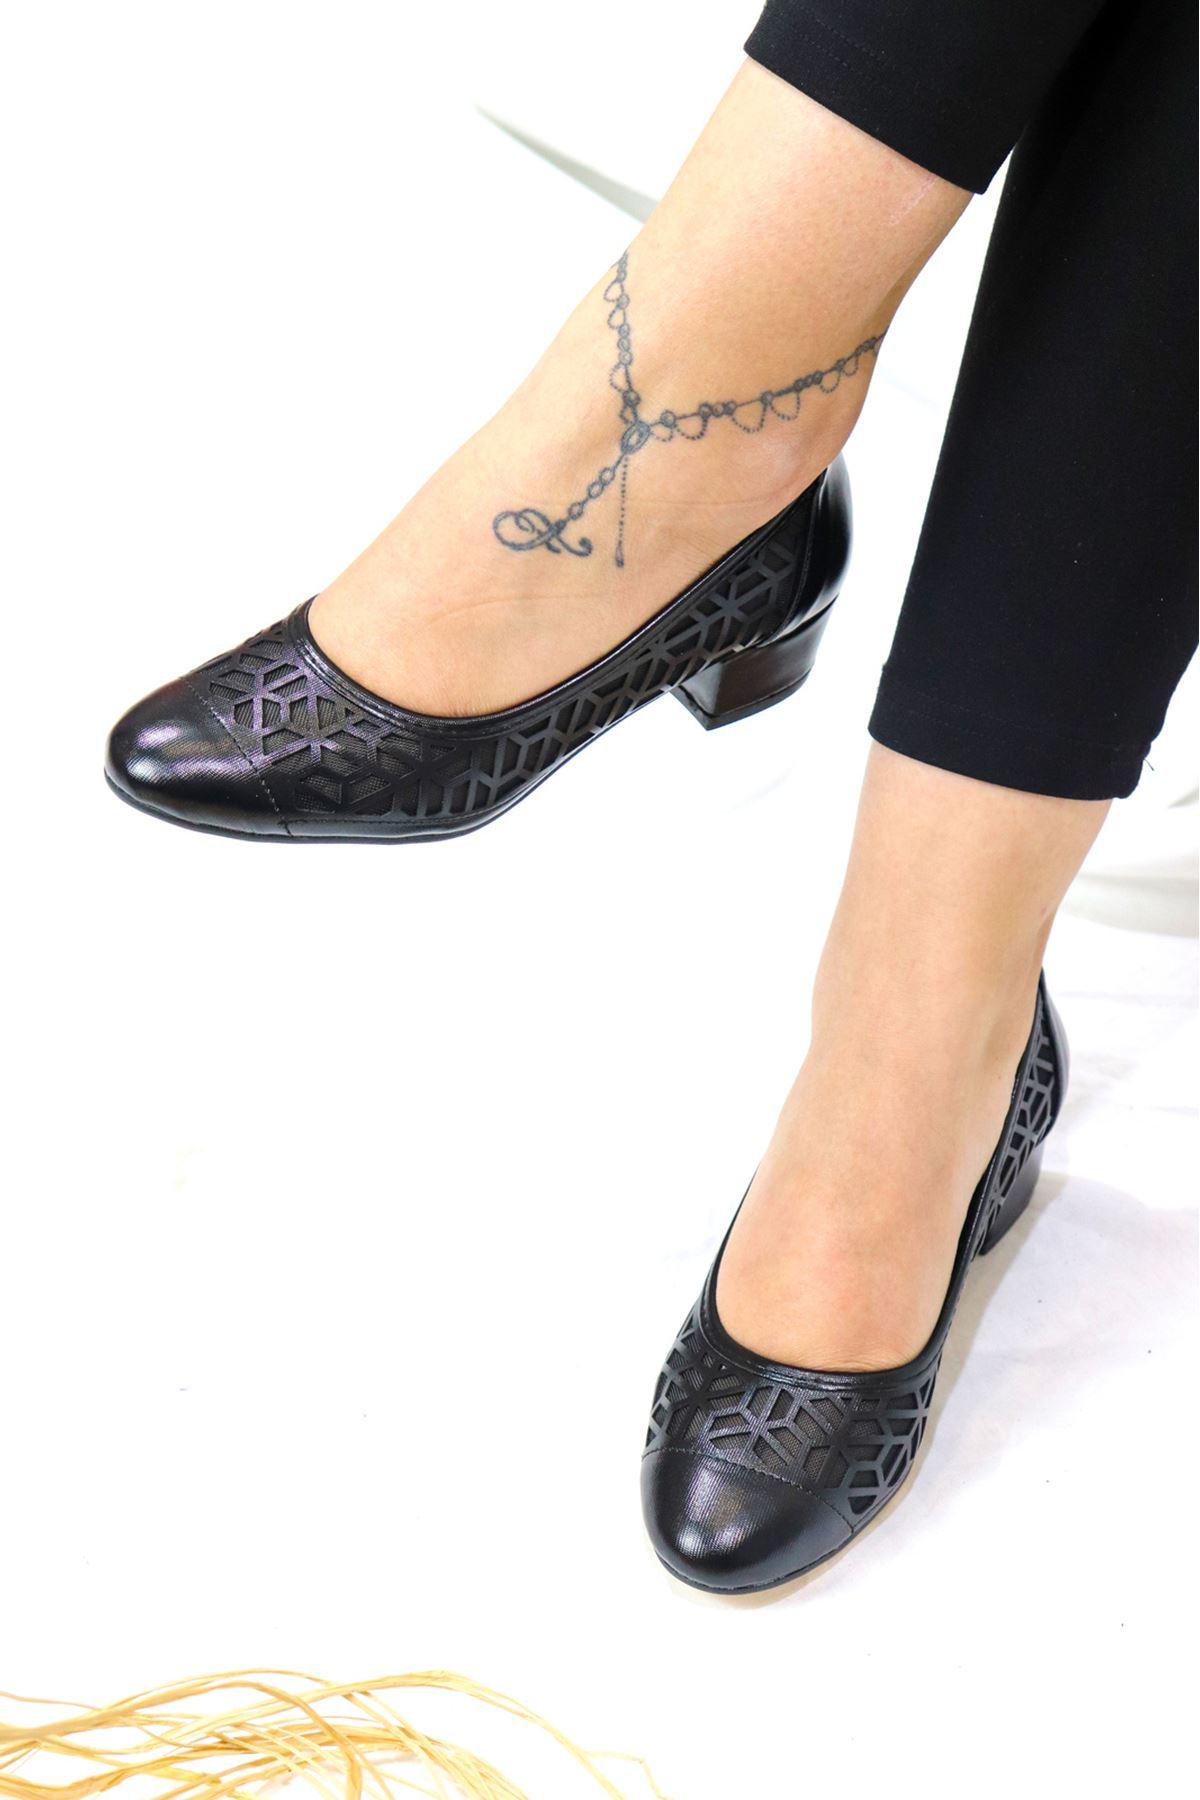 Trendayakkabı - 1 Siyah Kadın Topuklu Ayakkabı